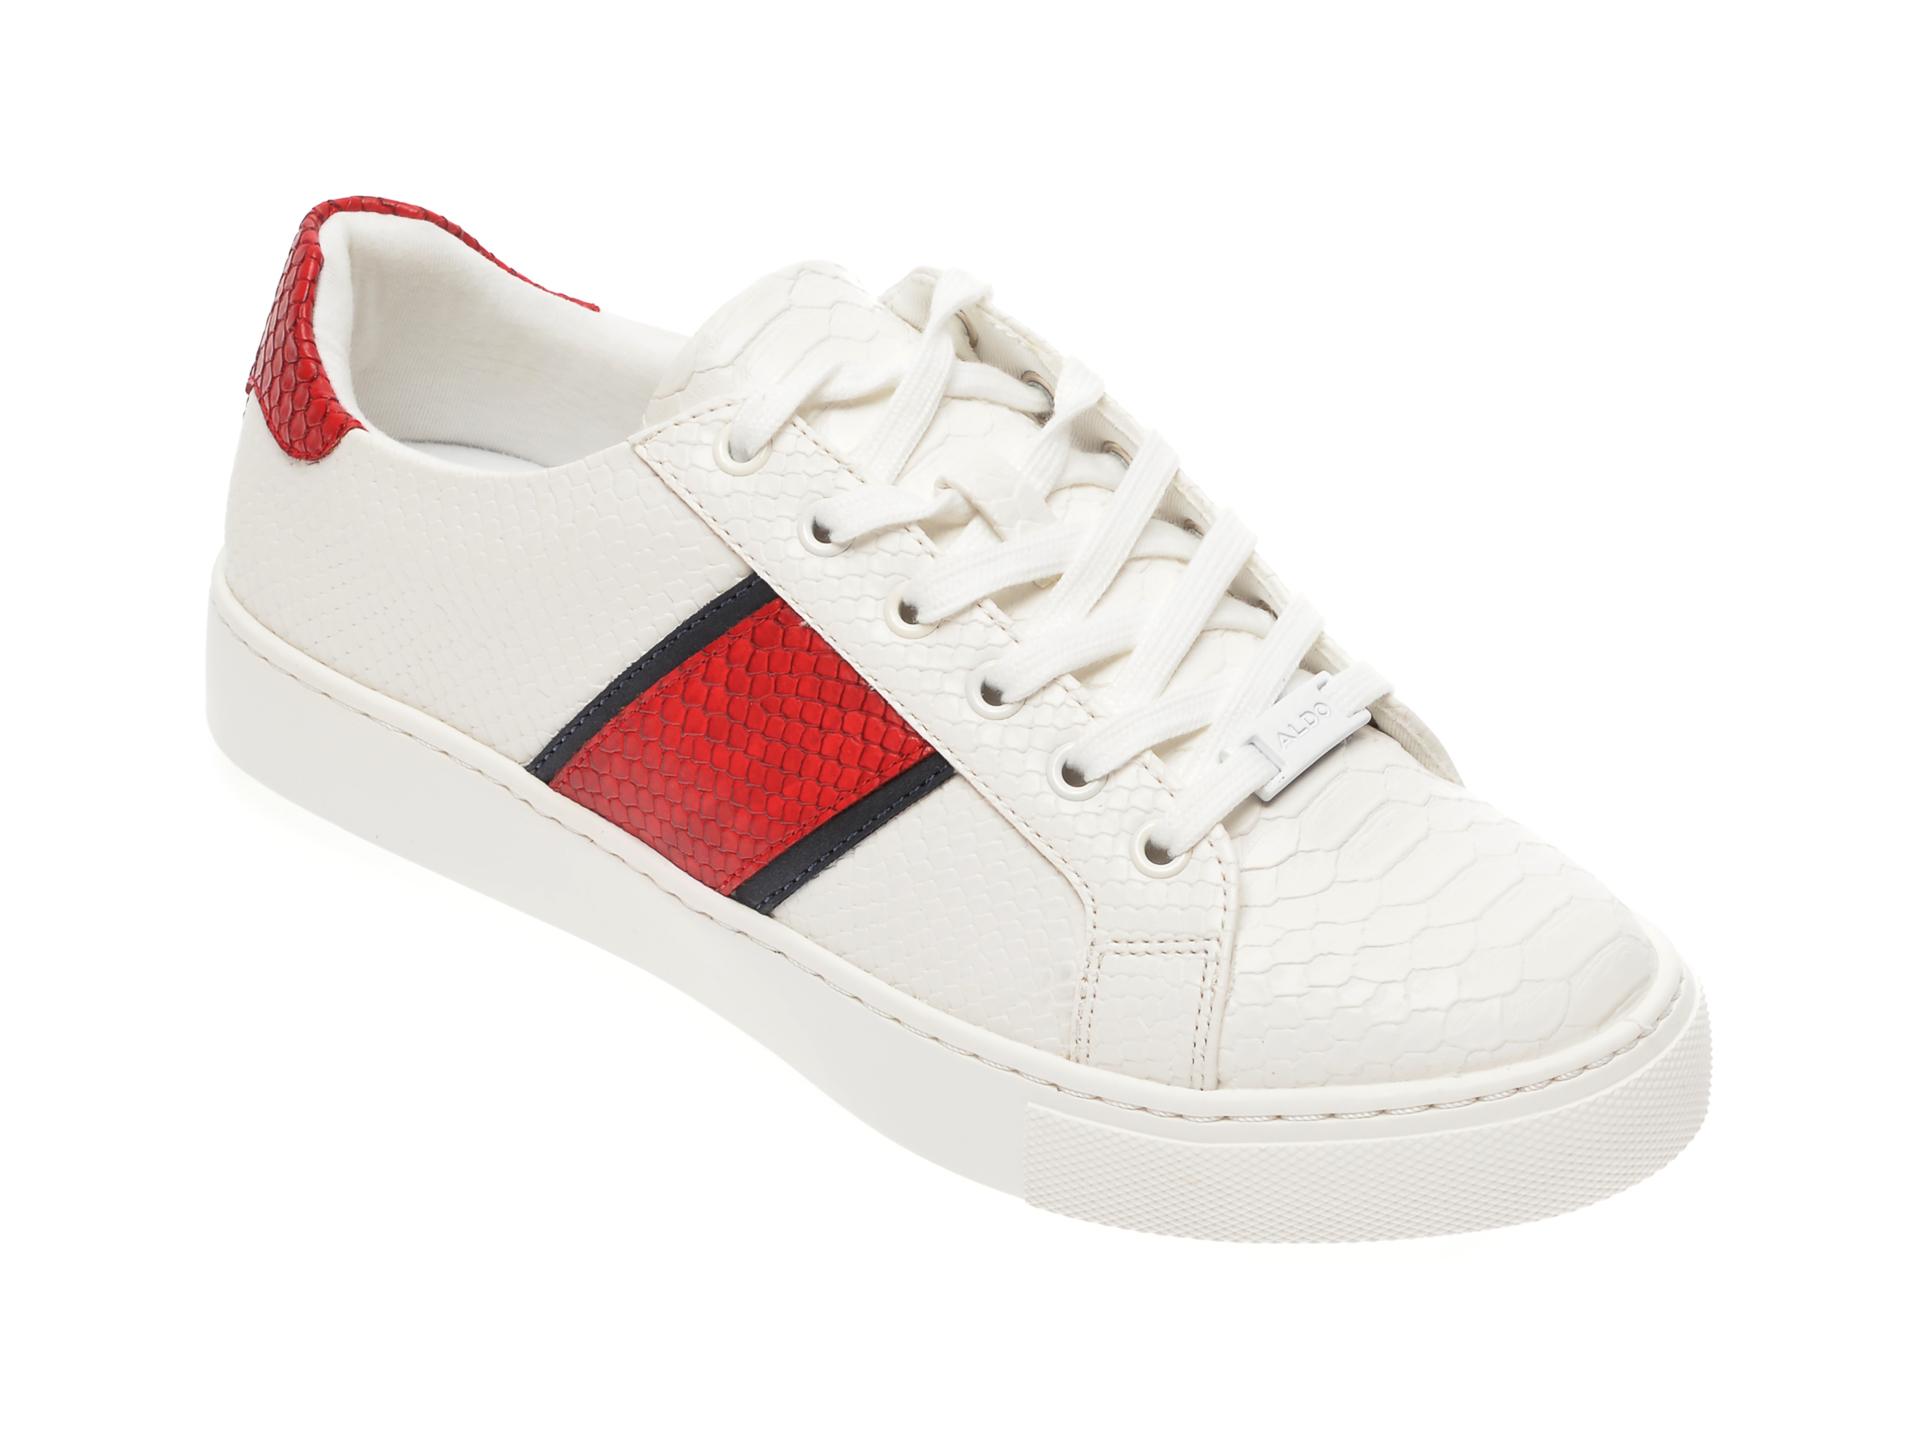 Pantofi sport ALDO albi, Strelley100, din piele ecologica